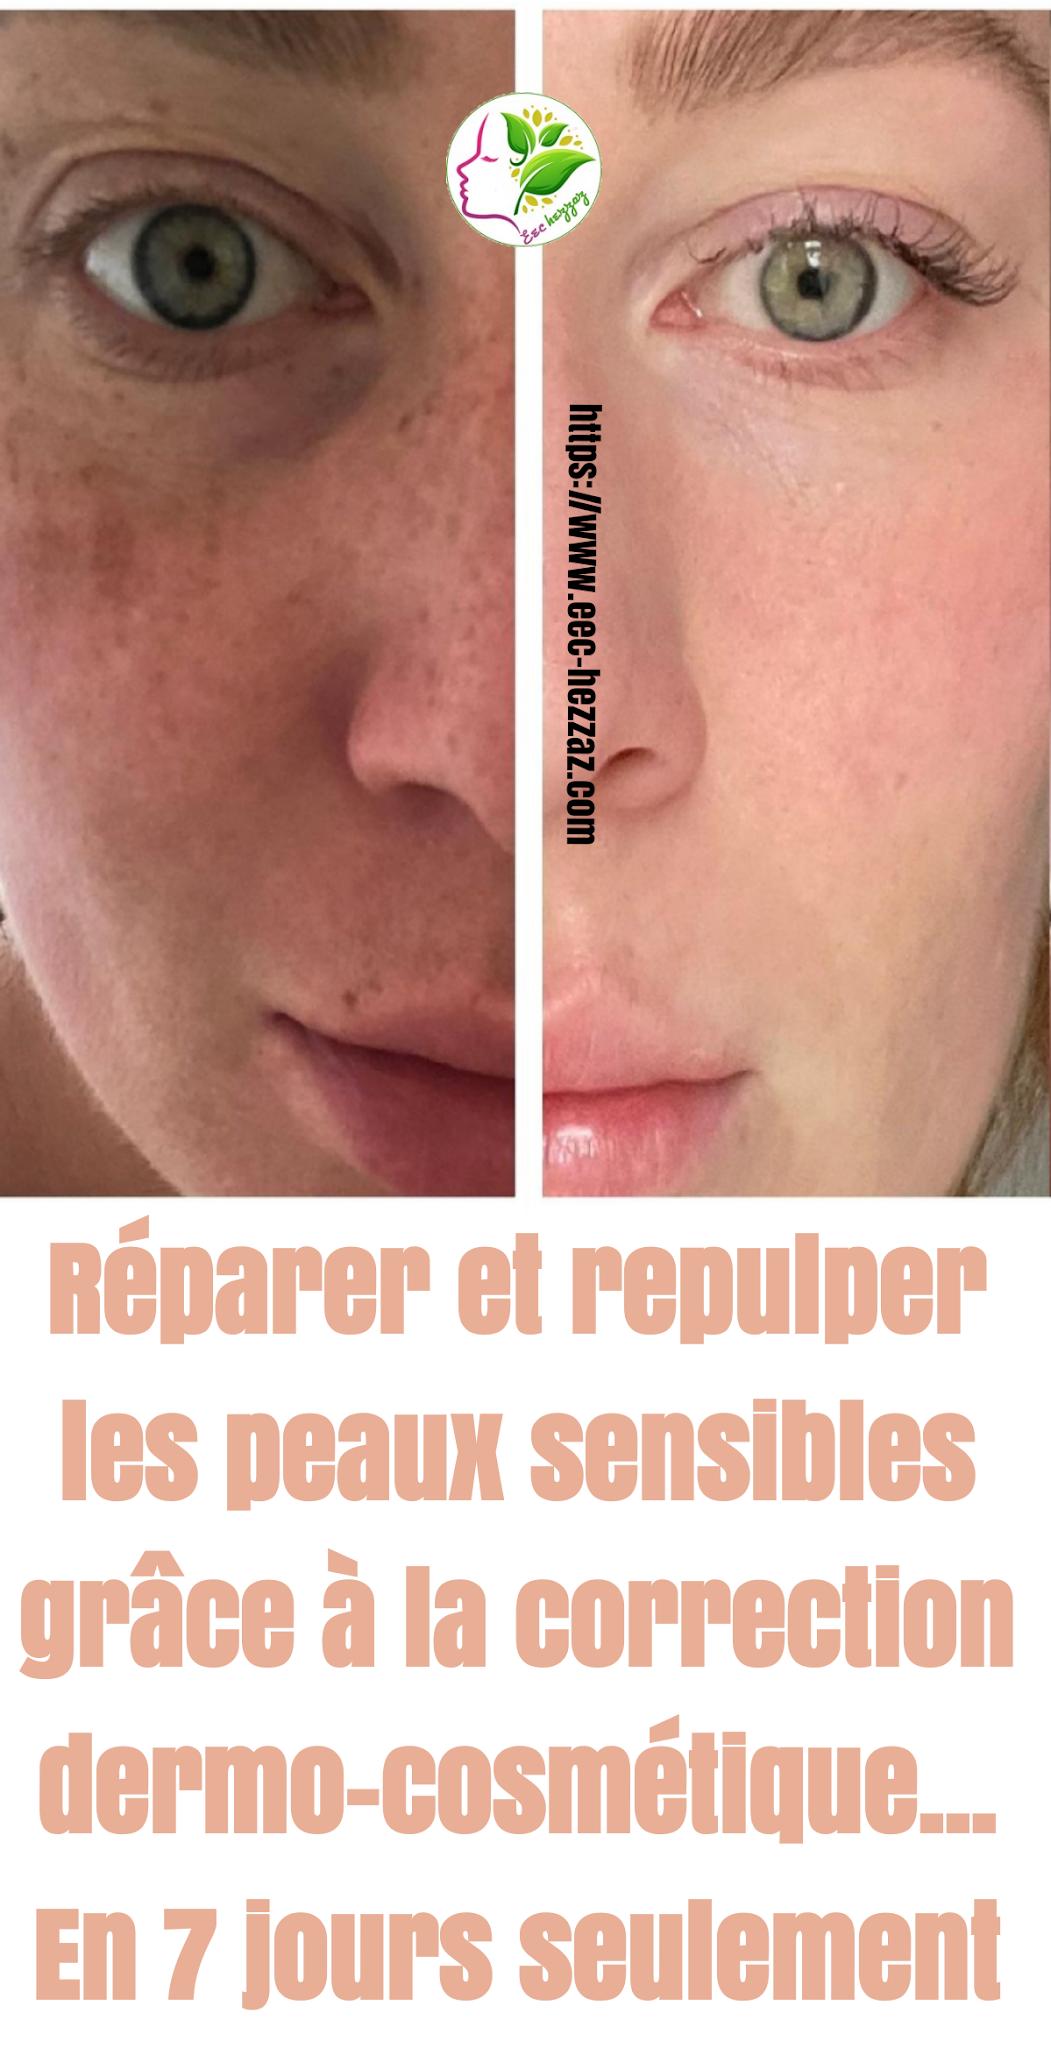 Réparer et repulper les peaux sensibles grâce à la correction dermo-cosmétique... En 7 jours seulement